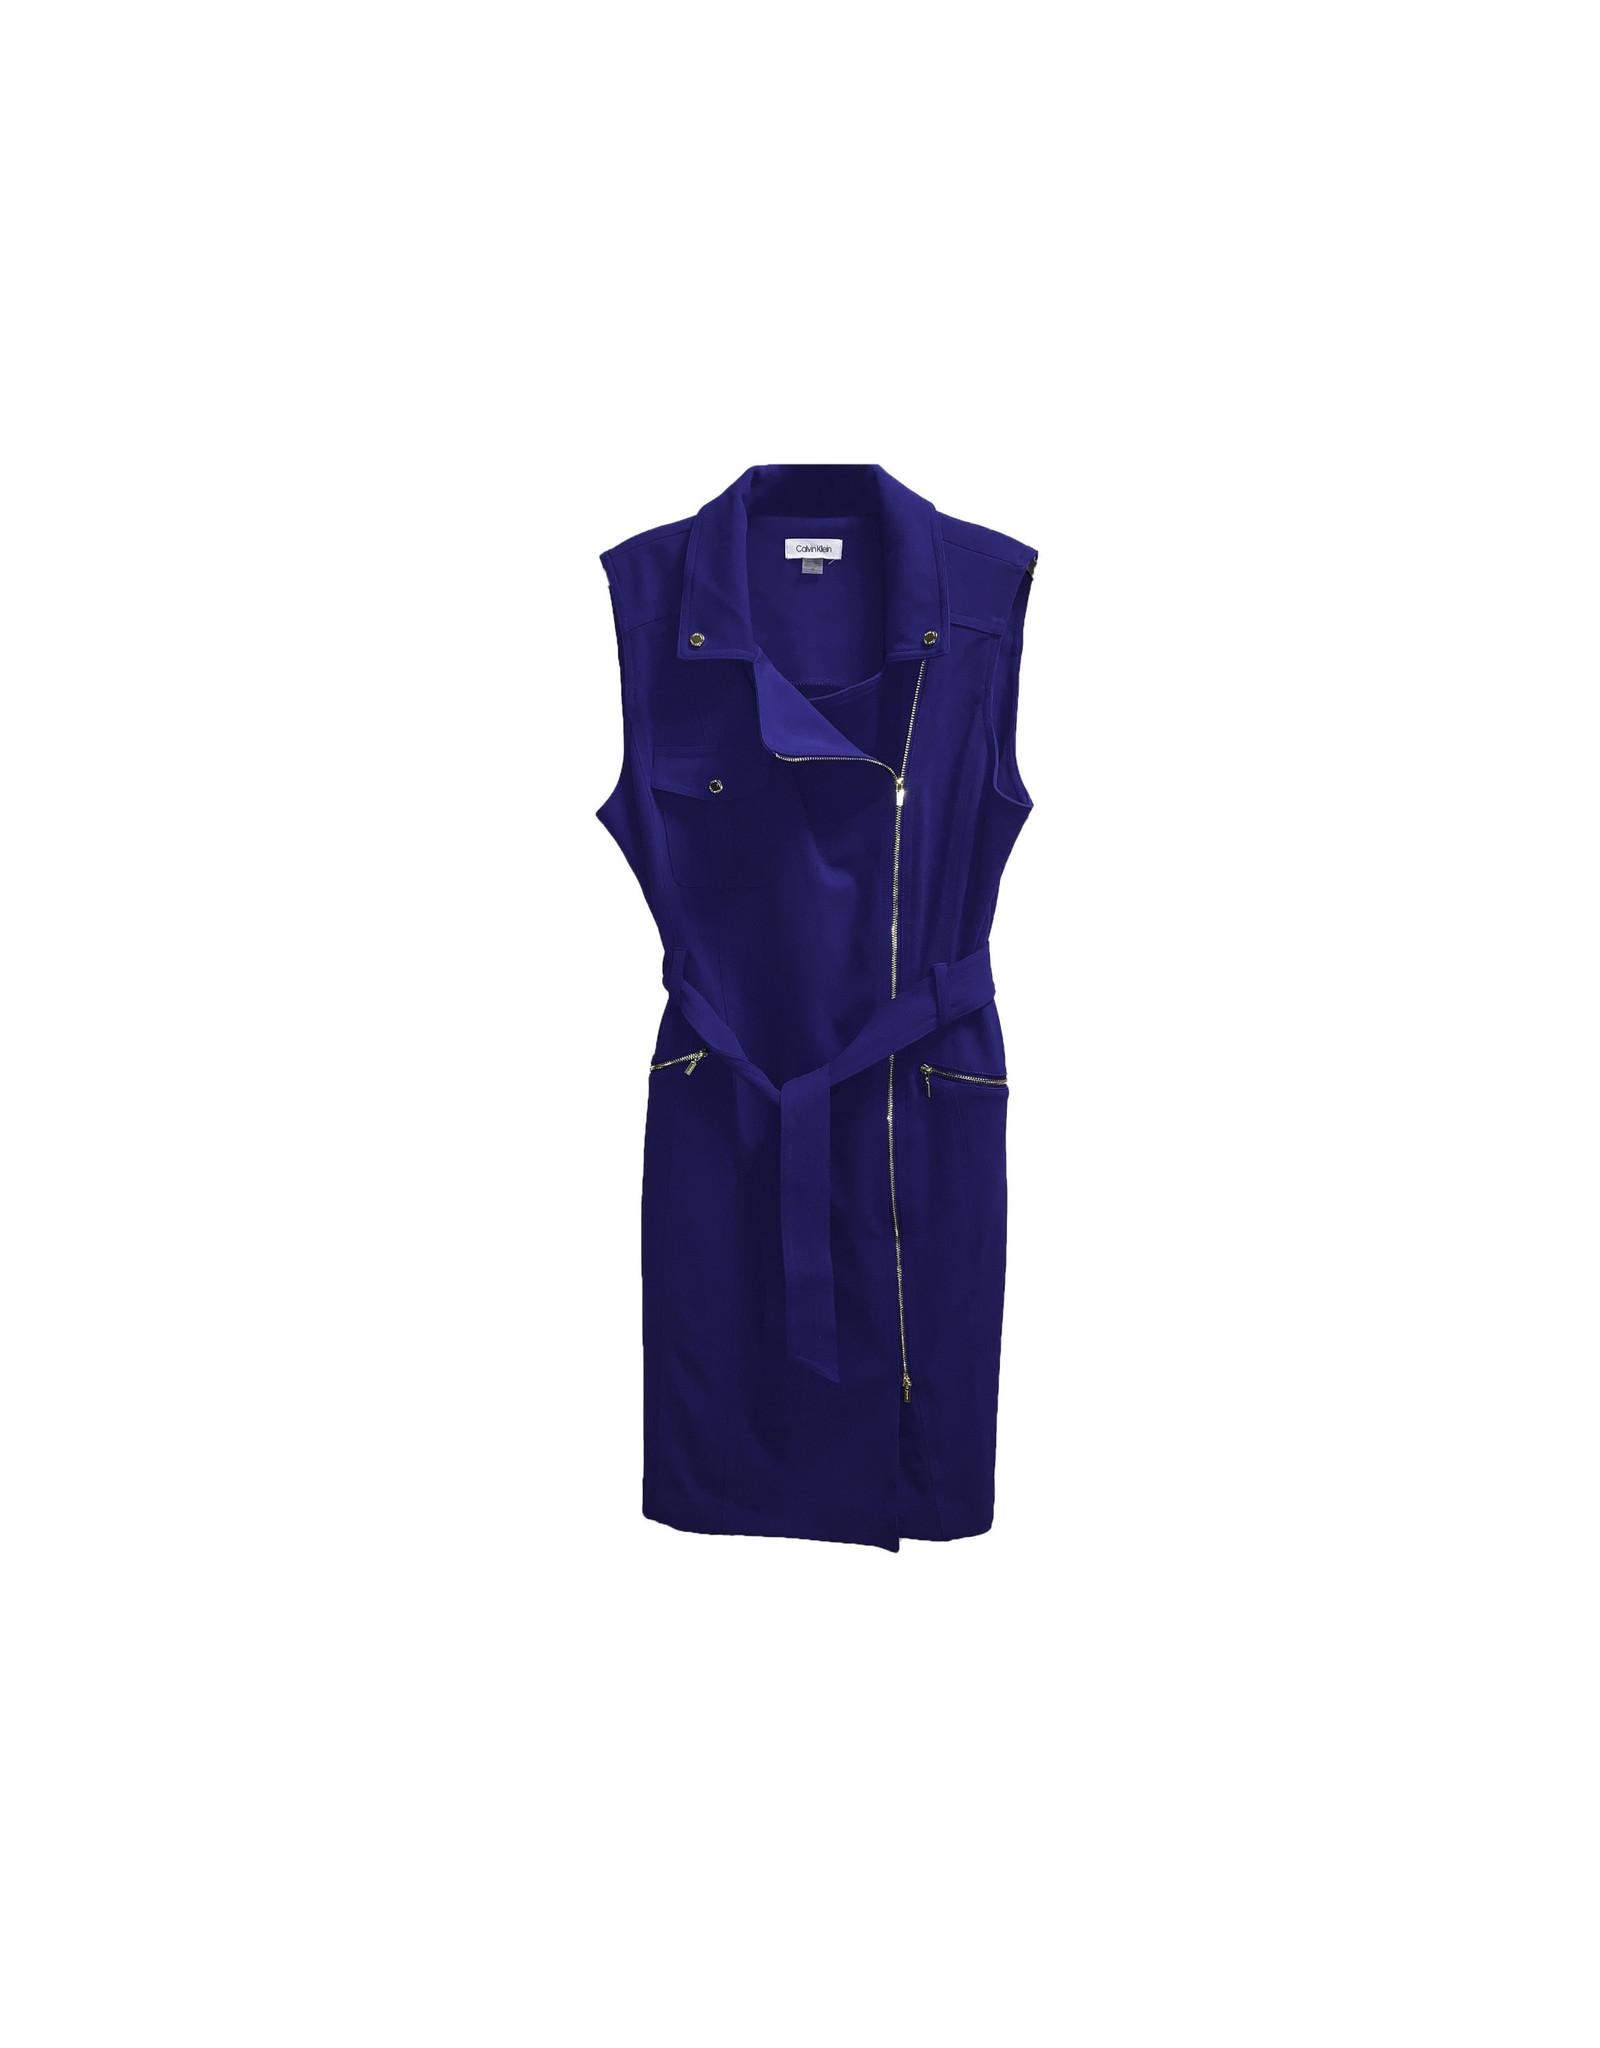 Calvin Klein Calvin Klein Sleeveless Collared Zip Front Belted Dress